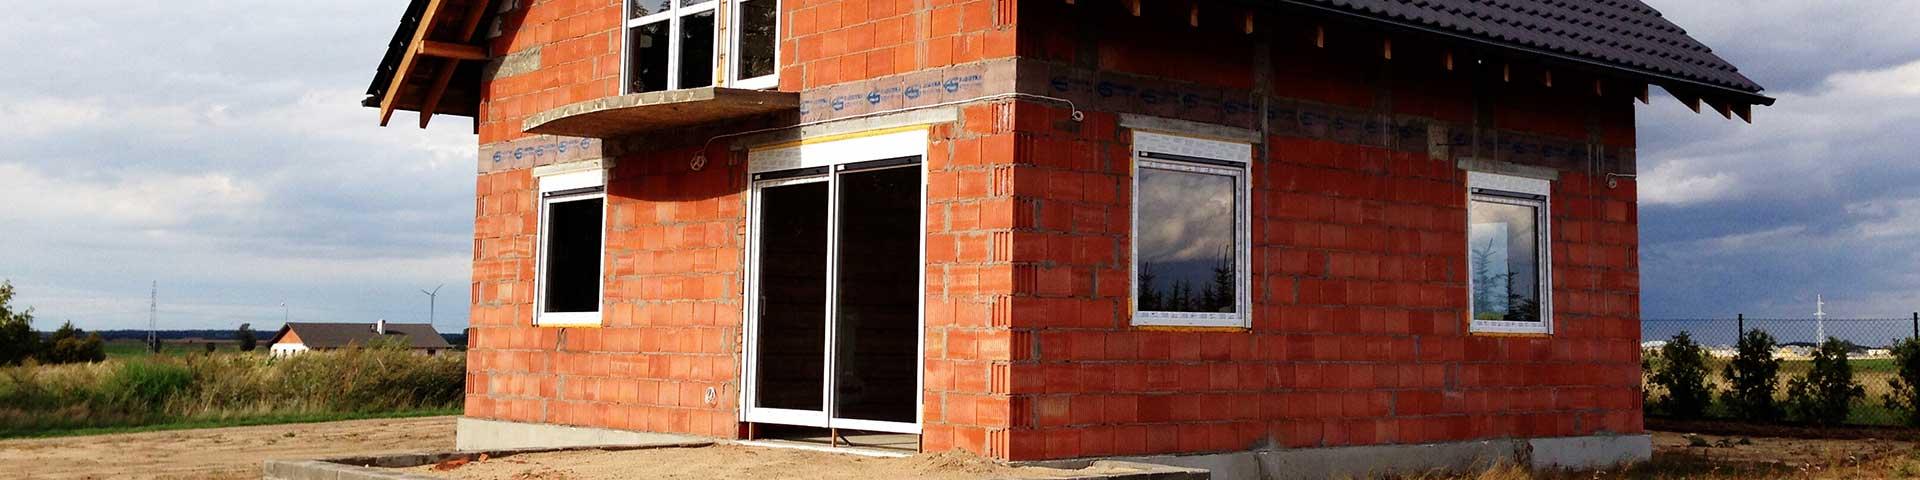 dom w stanie surowym zamkniętym zbudowany z pustaka ceramicznego porotherm